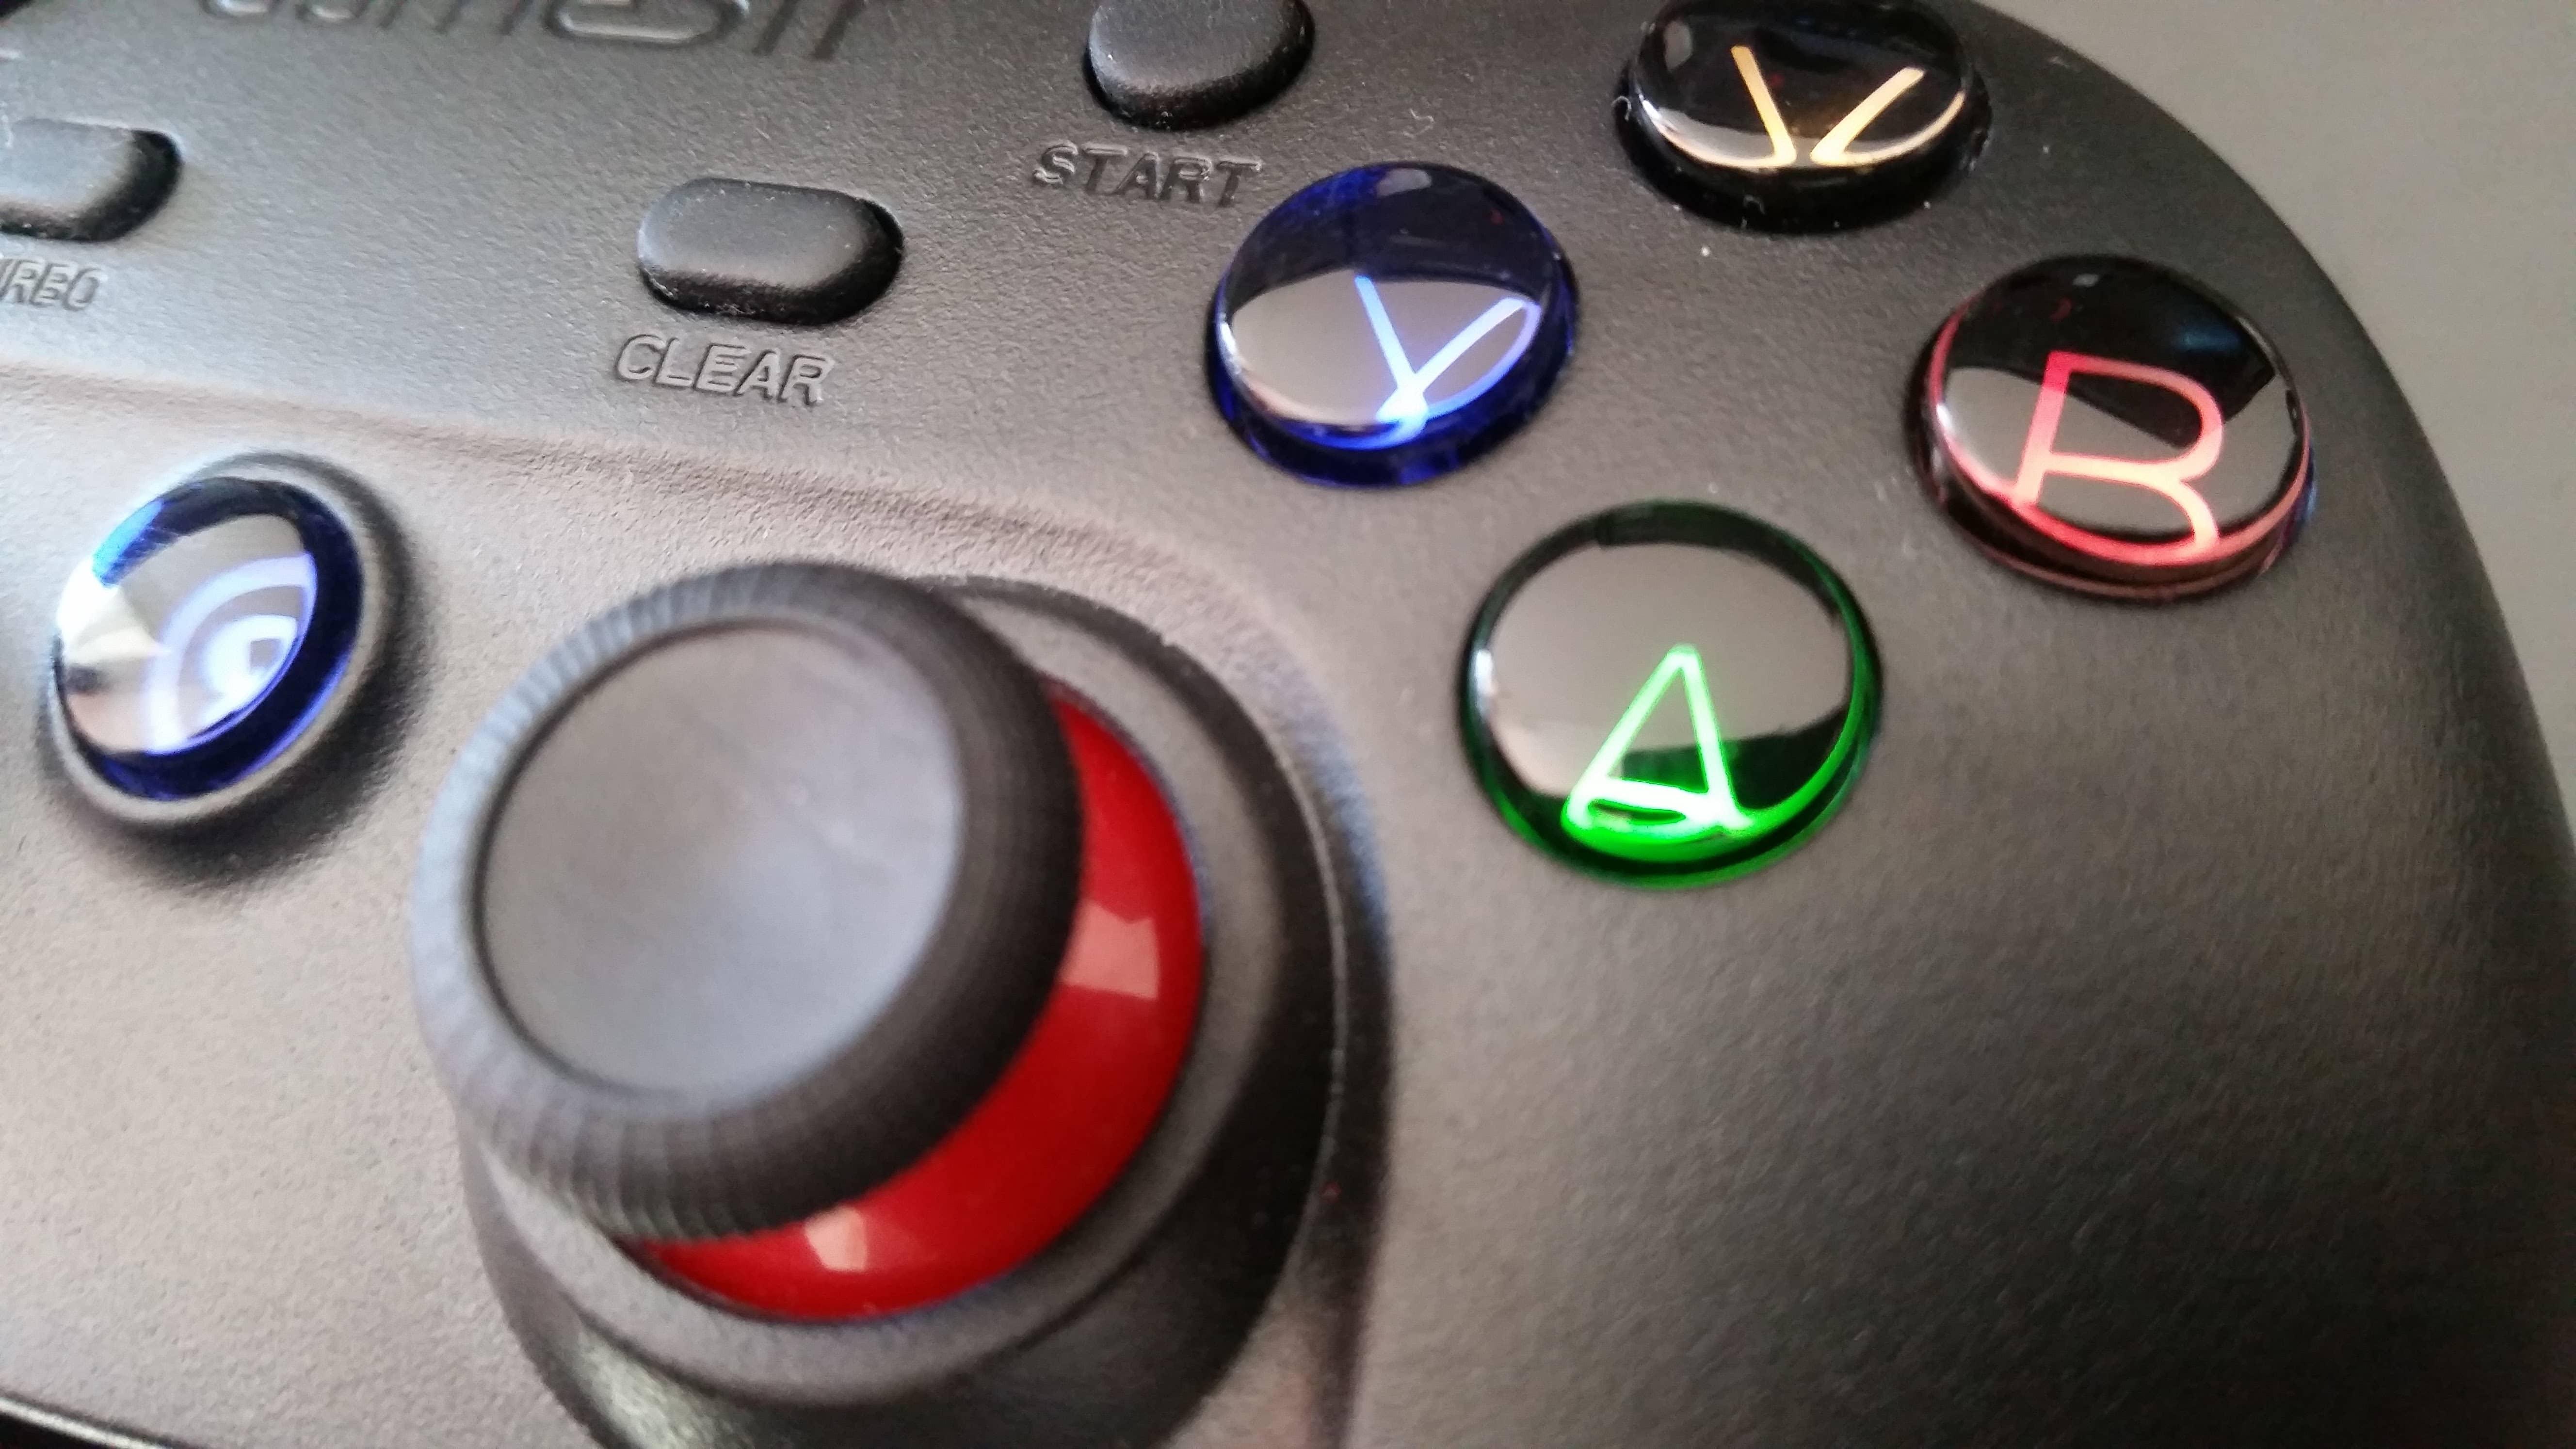 Manette PS3 : mon retour après 3 semaines de test